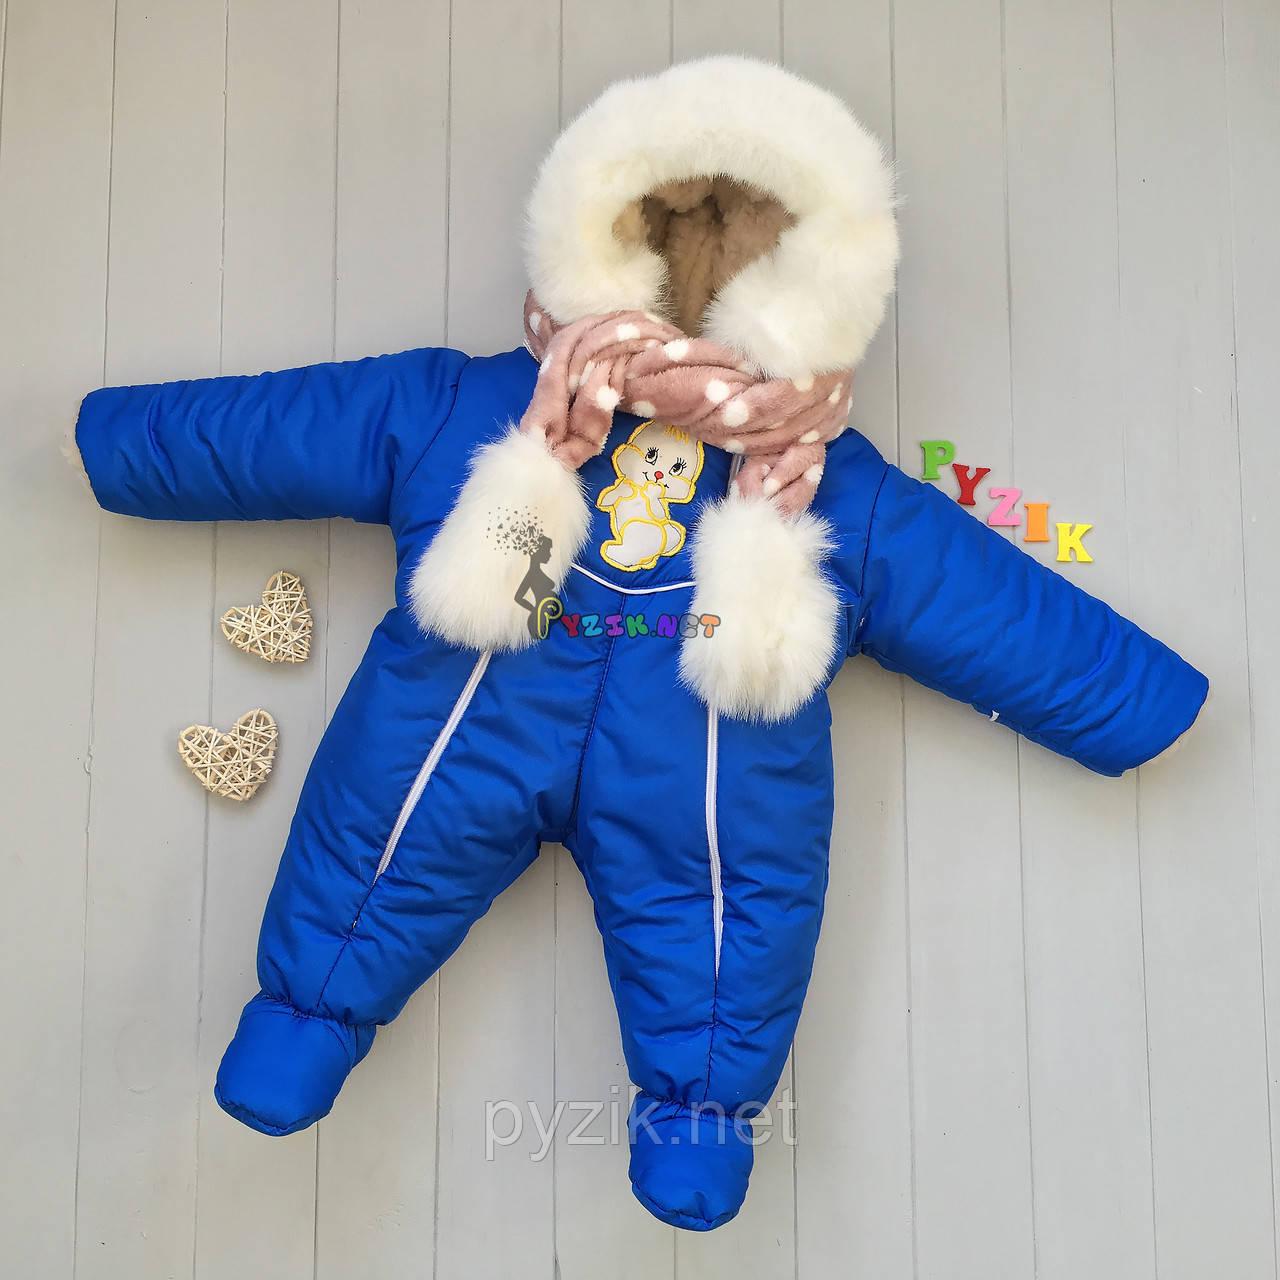 Комбинезон детский теплый с капюшоном синий, 0-5 месяцев